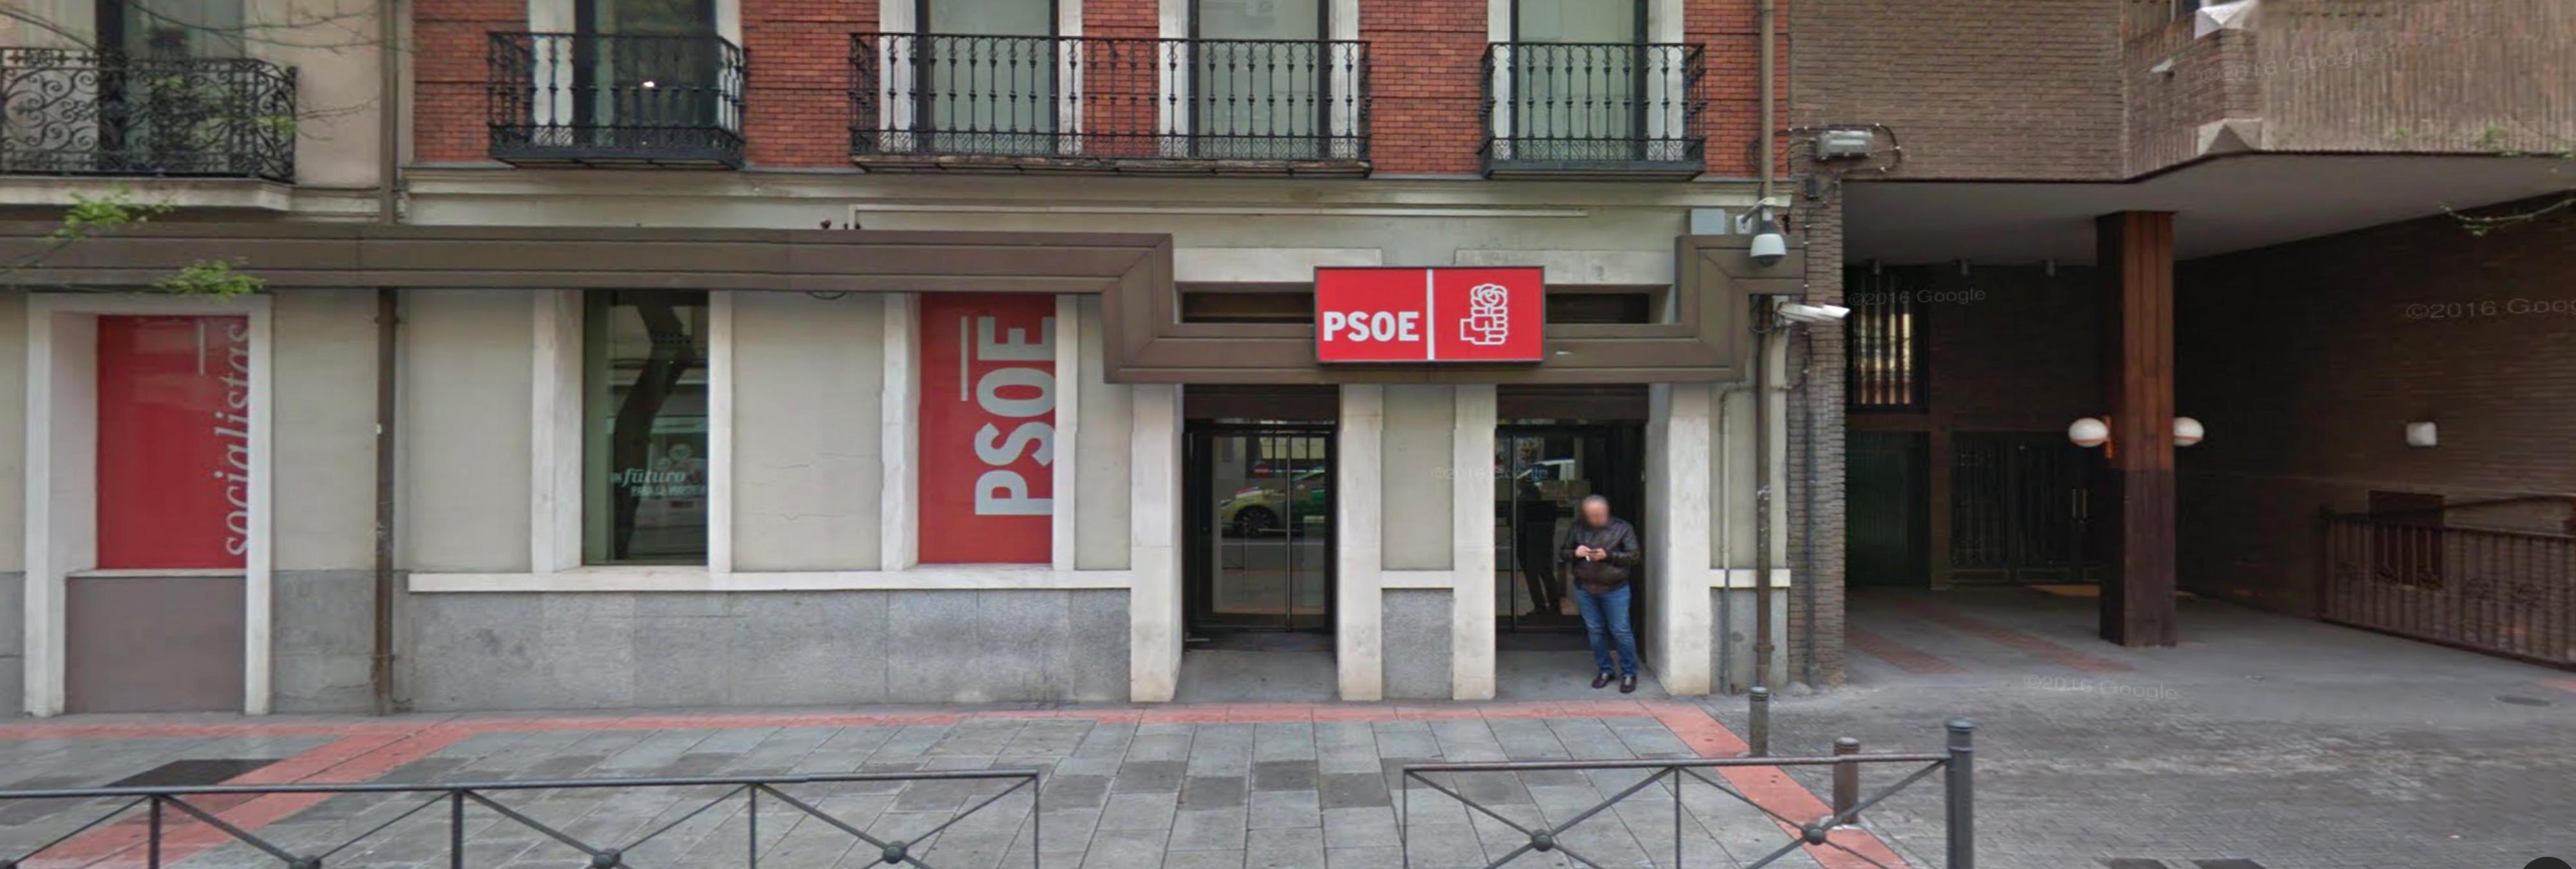 Los vecinos de Ferraz celebran la crisis del PSOE con el himno del PP a tope